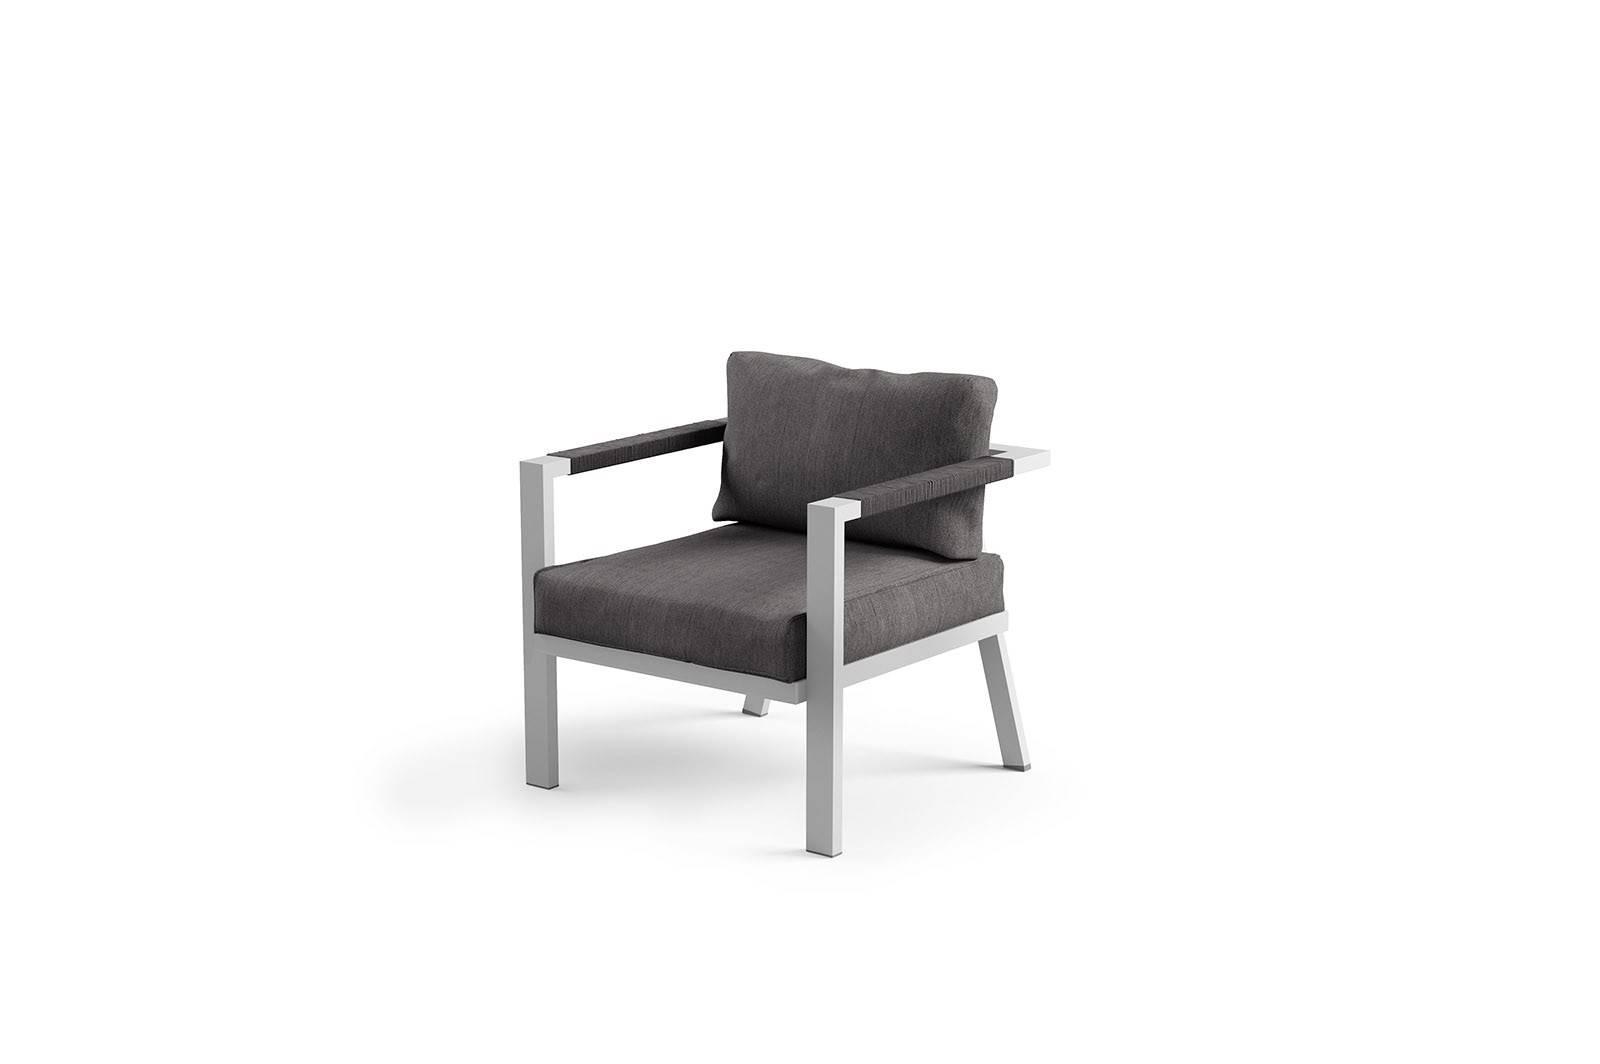 Záhradná hliníková sedacia súprava GRADO light grey